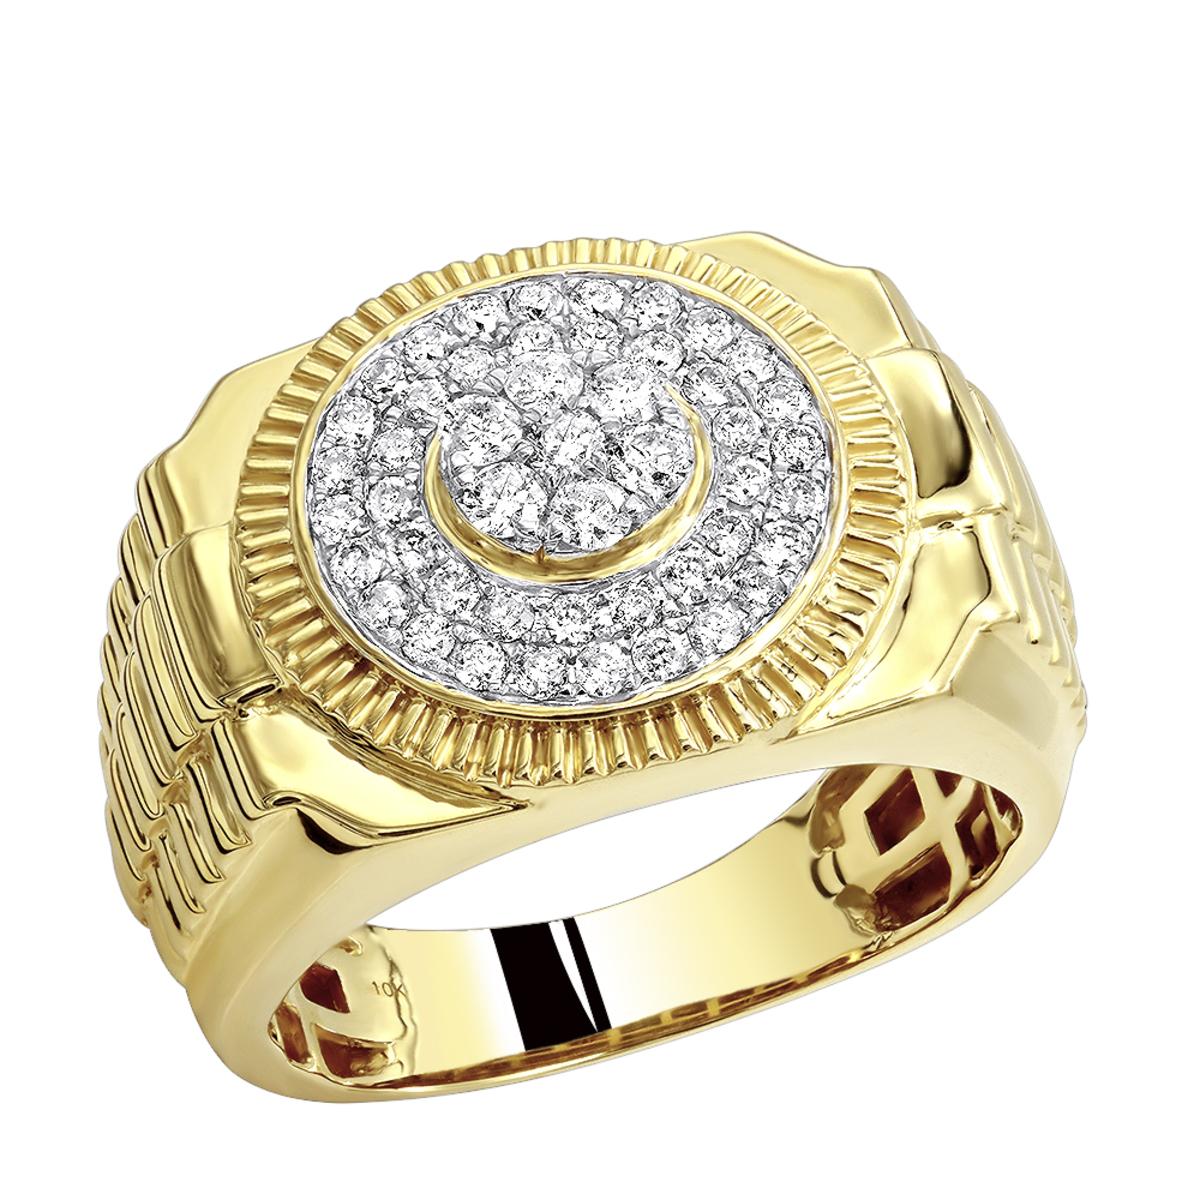 Mens Pinky Rings: 0.9ct 10k Gold Diamond Ring for Men